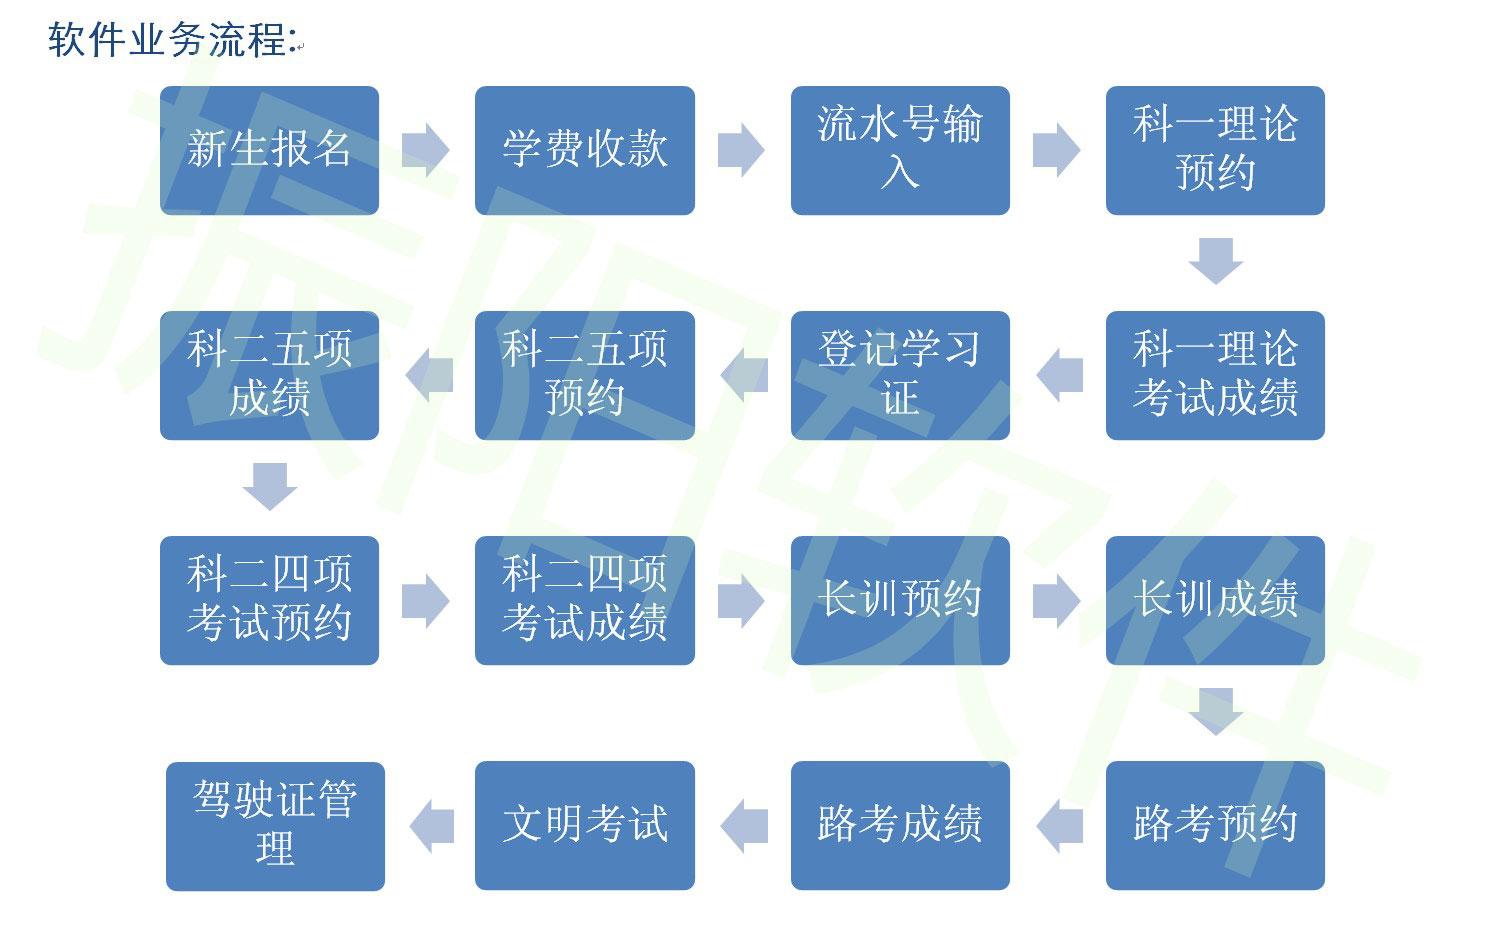 驾校管理软件-产品介绍-深圳振阳软件开发有限公司